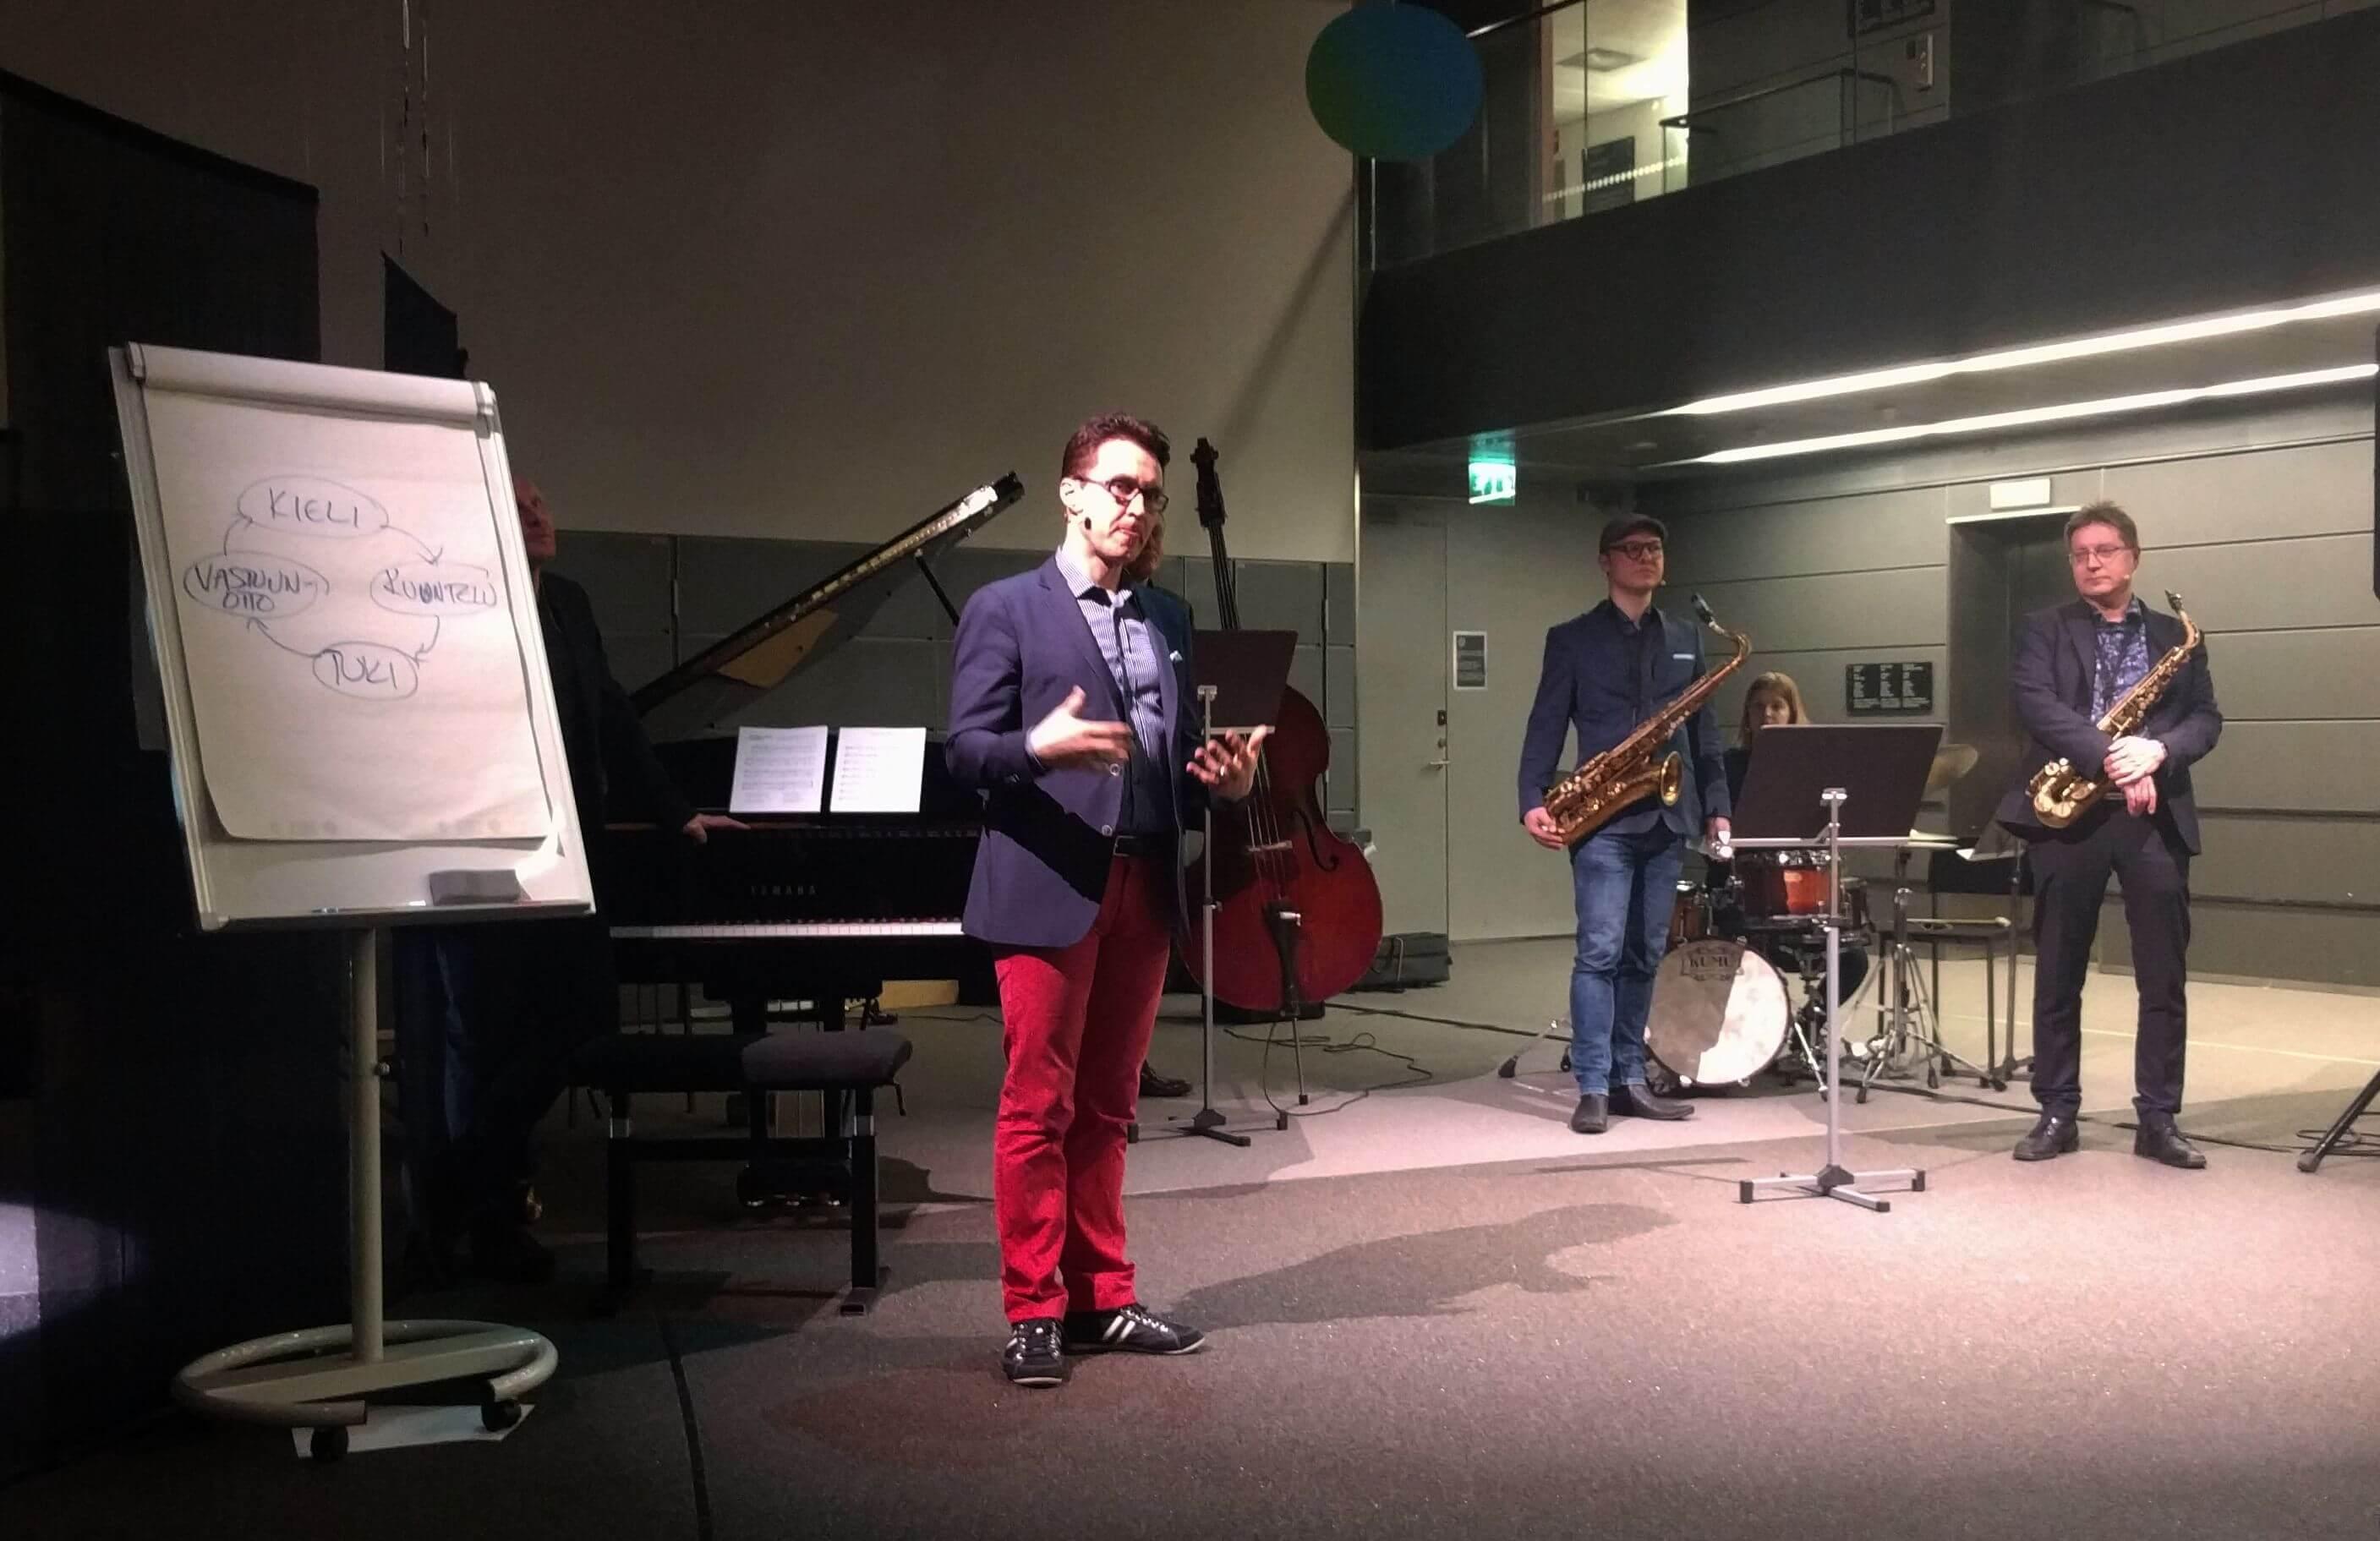 Furu kiteyttää jazzjohtamisen teesit: kieli-kuuntelu-tuki-vastuunotto